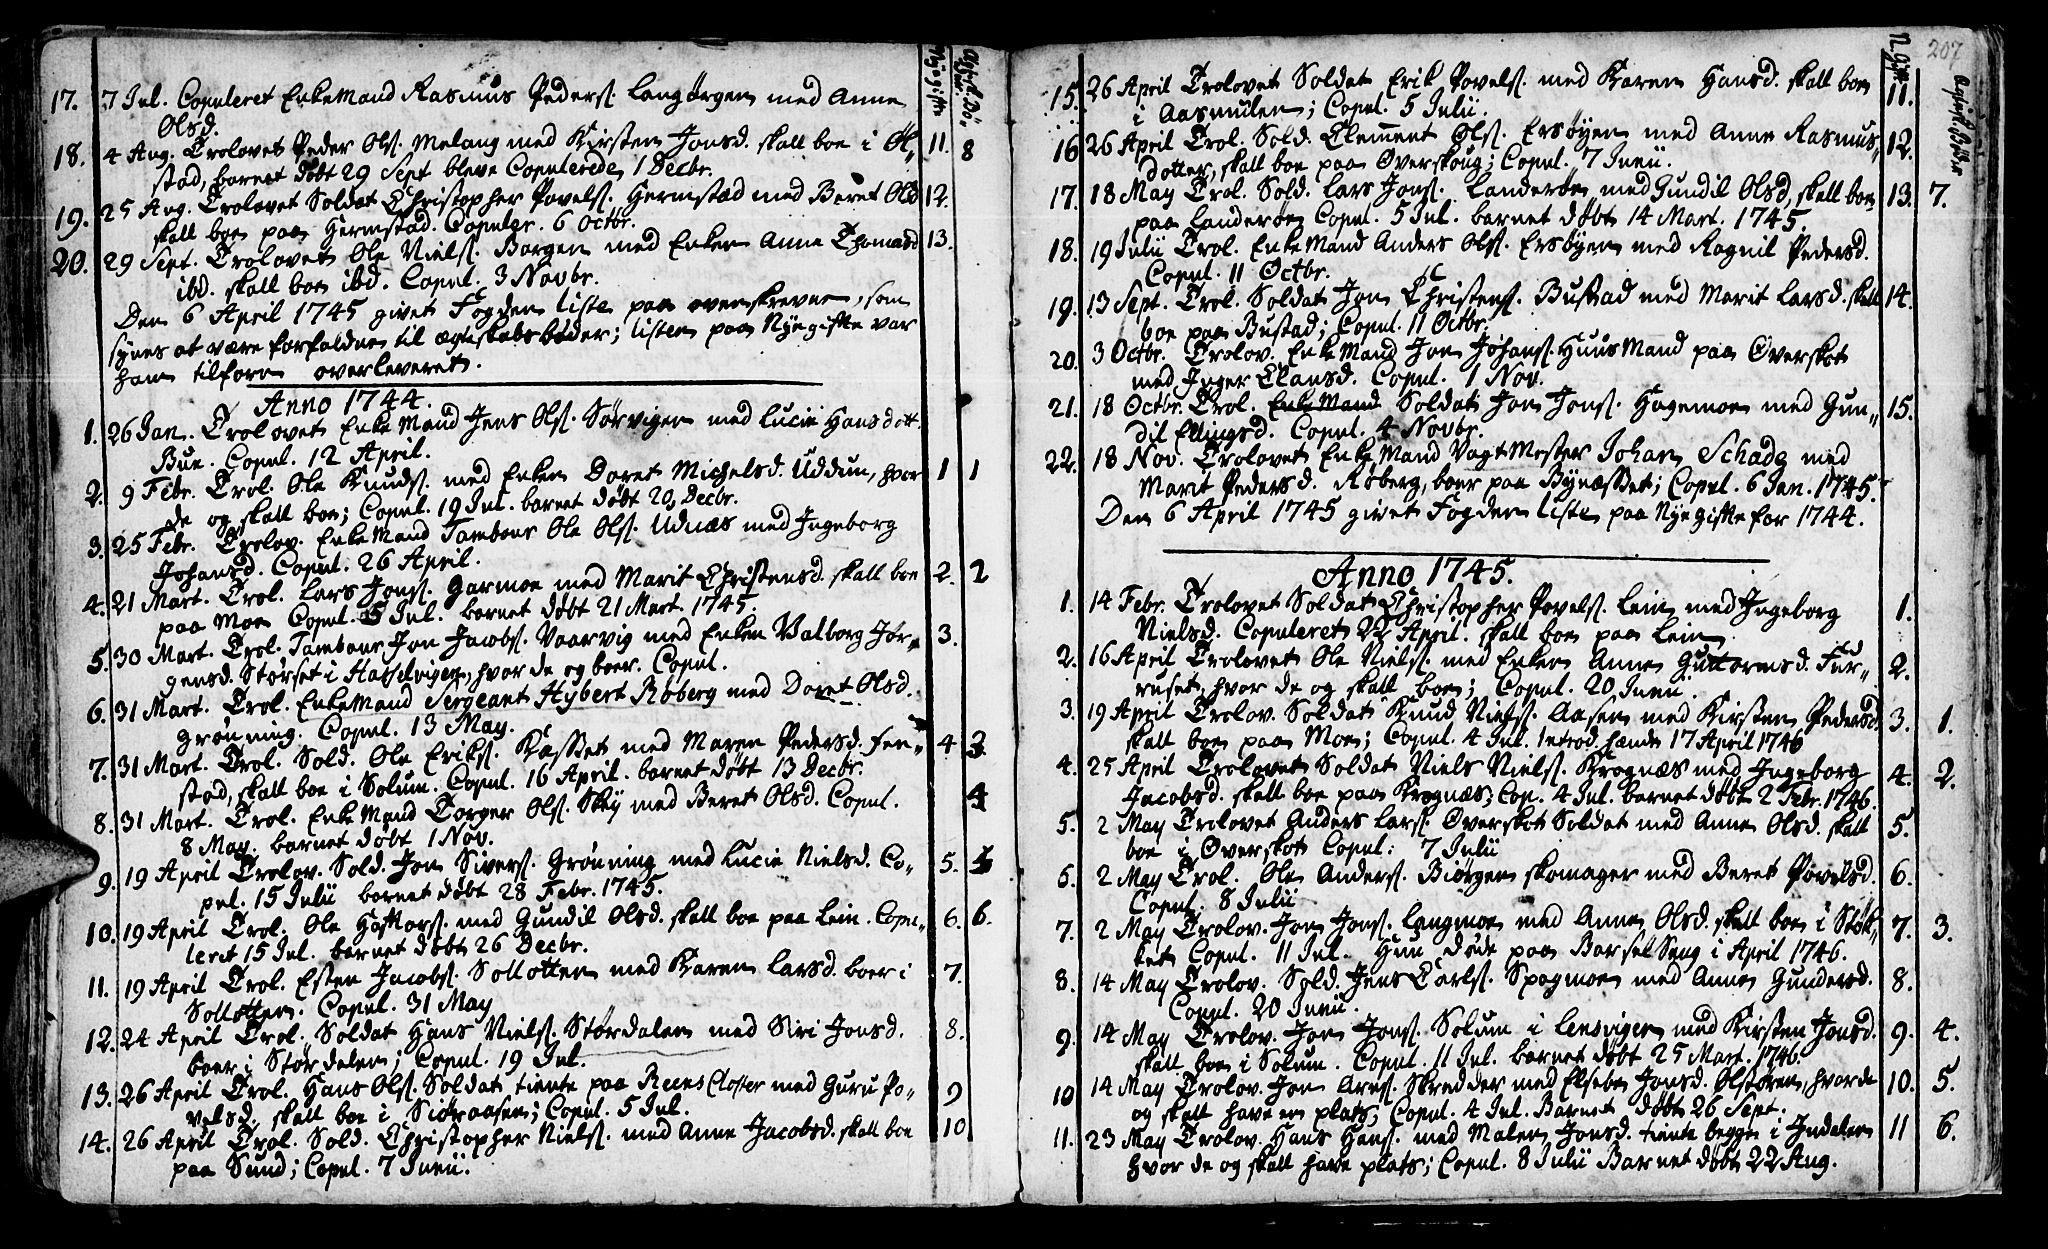 SAT, Ministerialprotokoller, klokkerbøker og fødselsregistre - Sør-Trøndelag, 646/L0604: Ministerialbok nr. 646A02, 1735-1750, s. 206-207